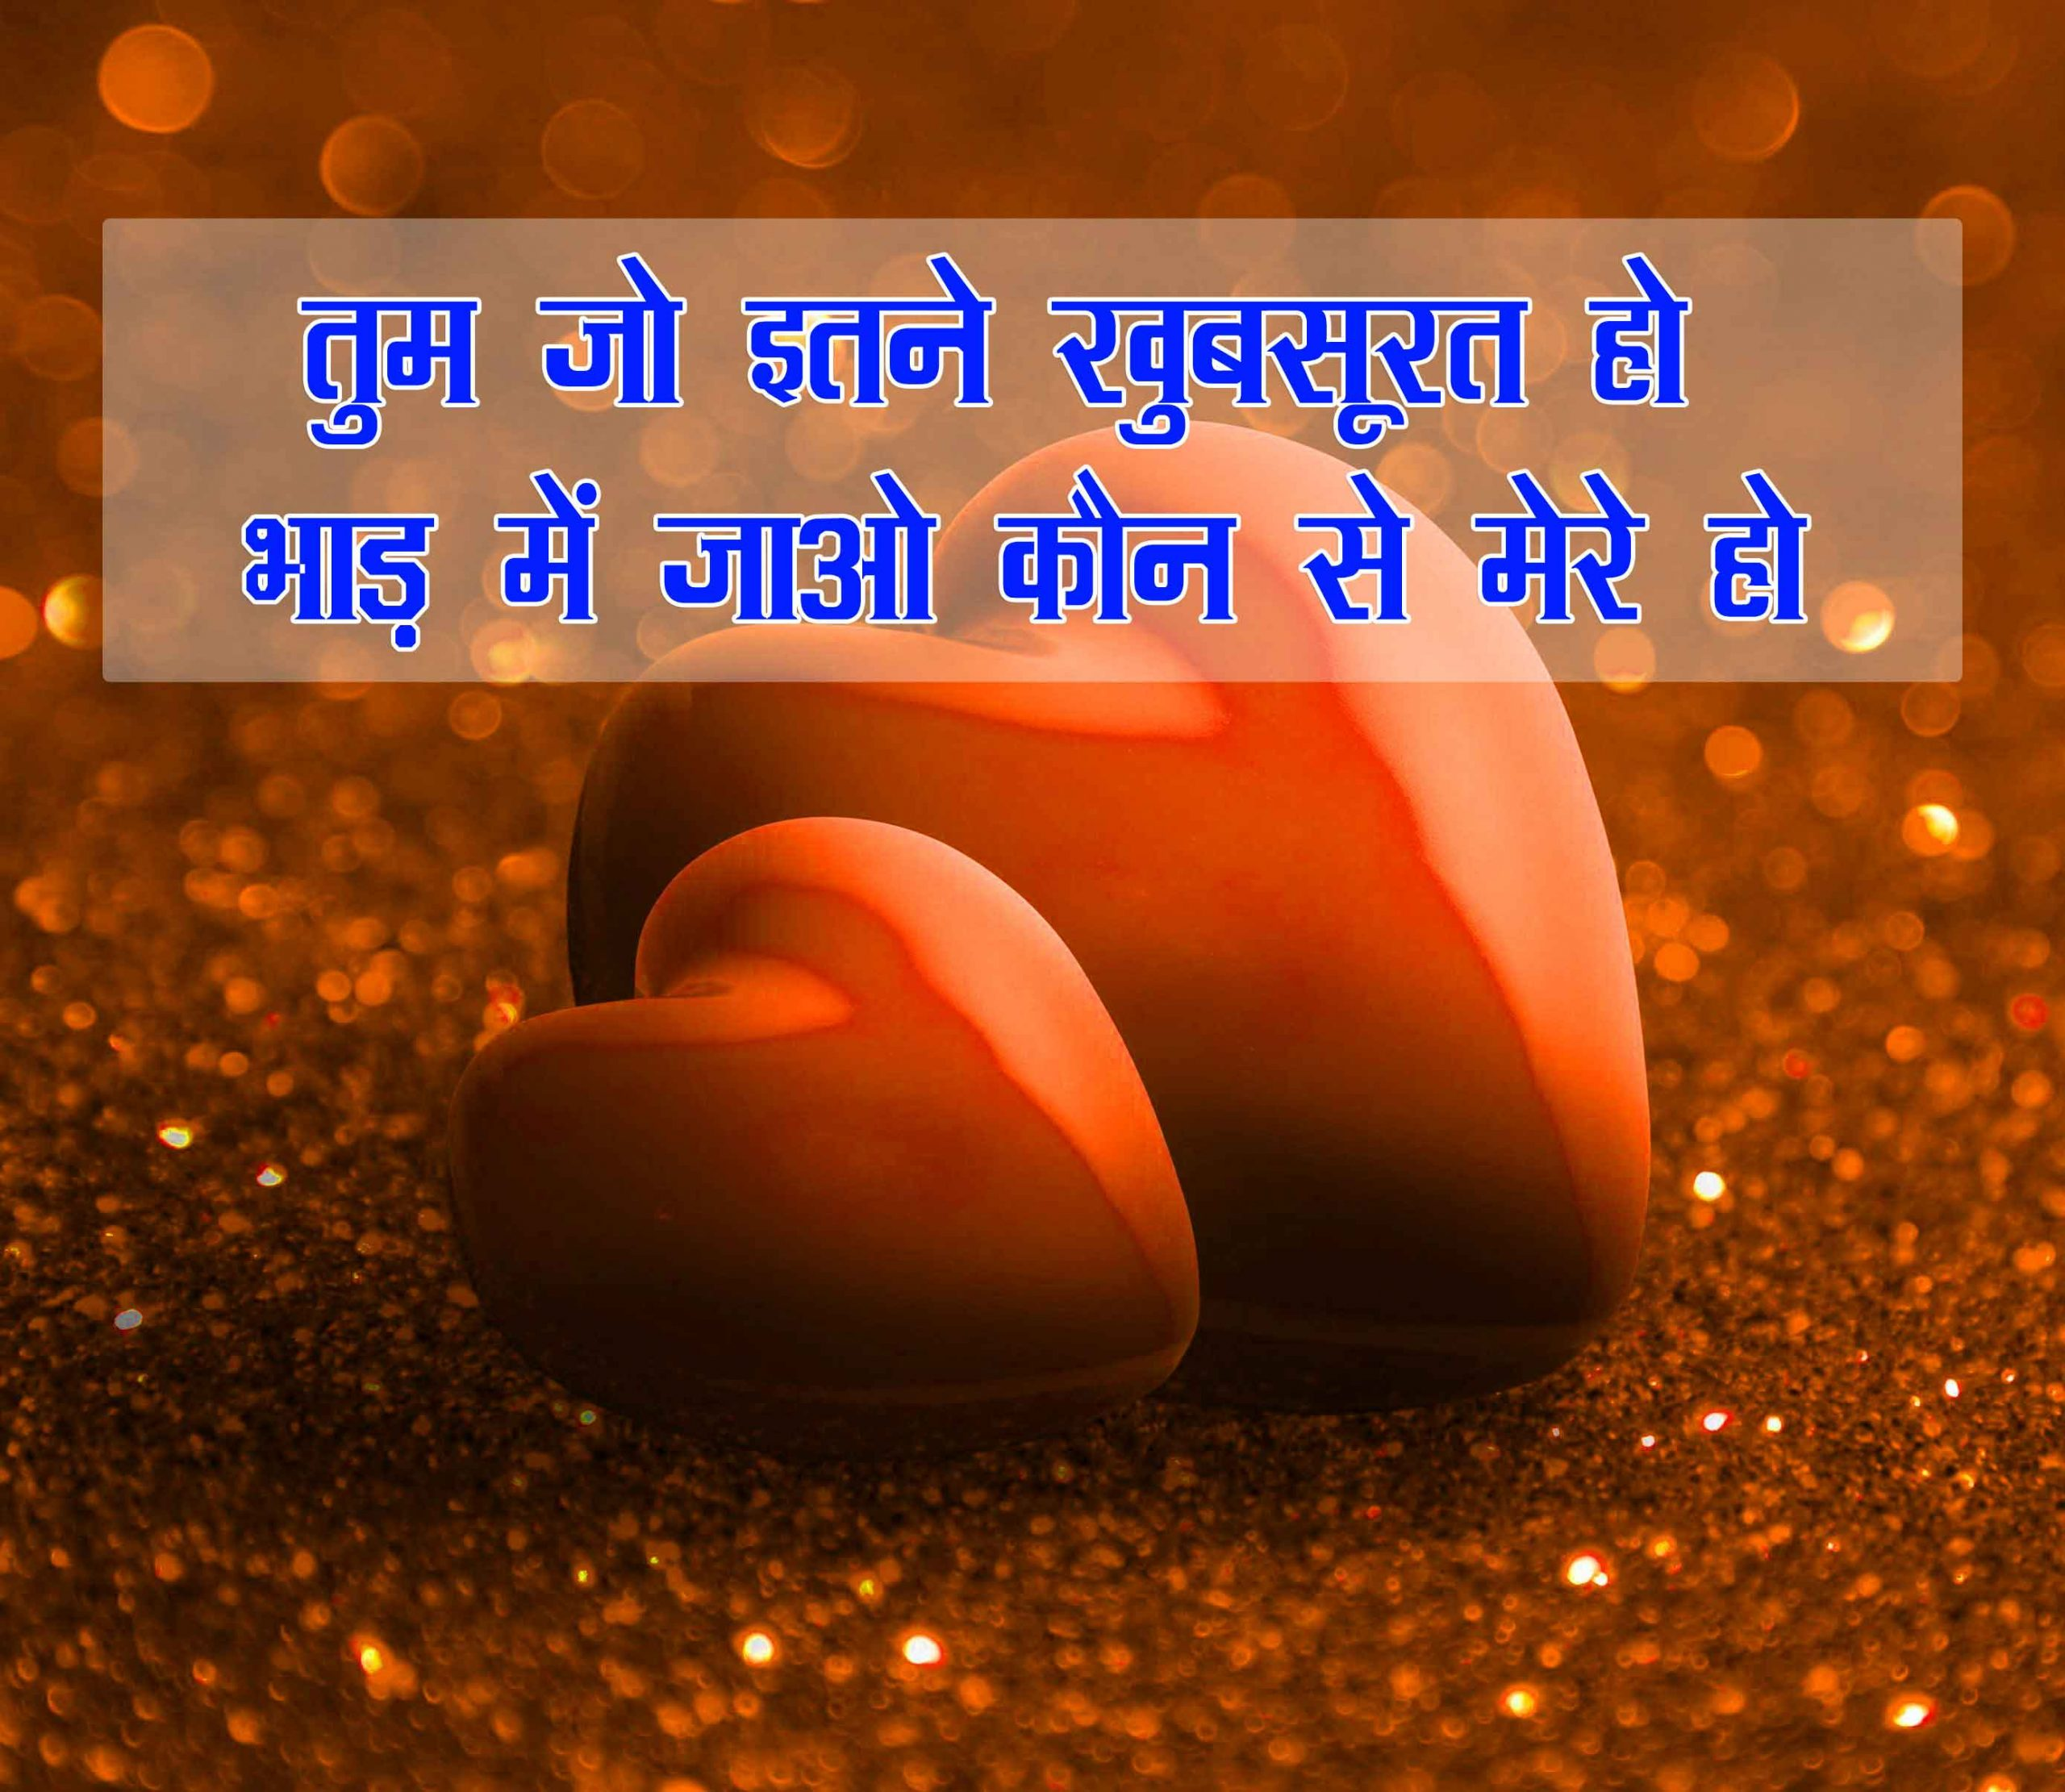 Love Shayari Images HD 2021 25